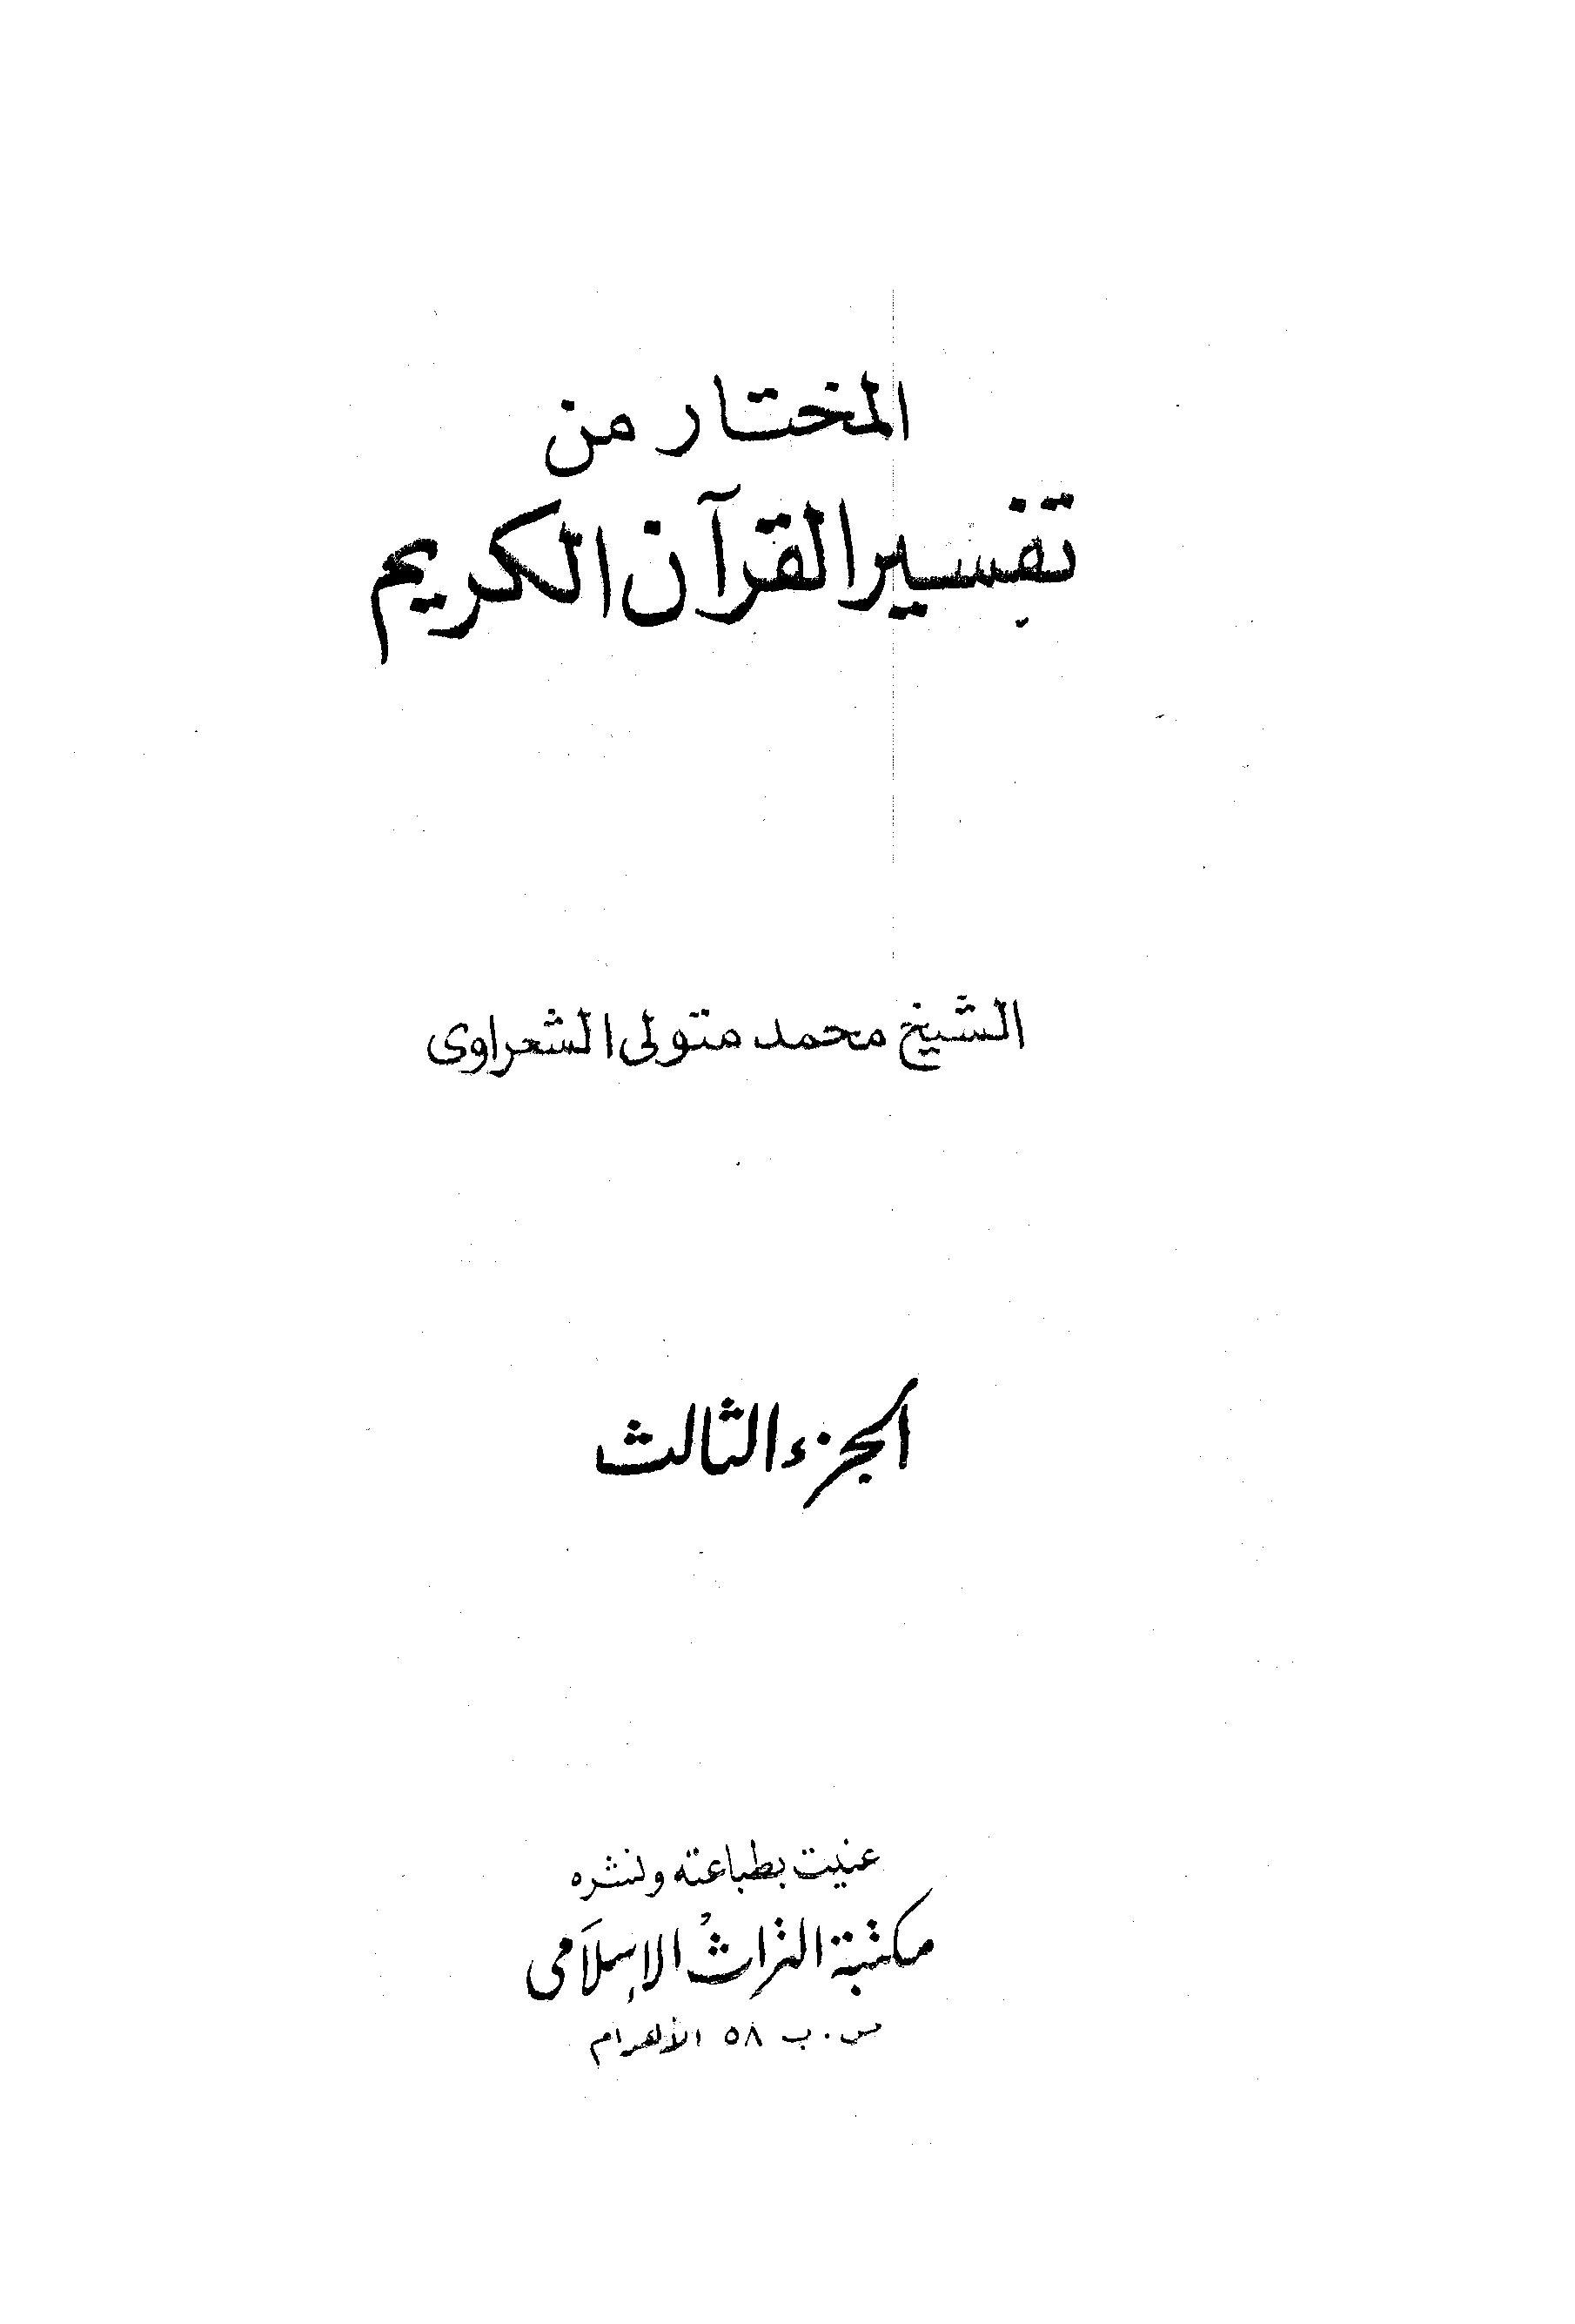 تحميل كتاب المختار من تفسير القرآن الكريم (من سورة الأعلى إلى سورة الناس) لـِ: الشيخ محمد متولي الشعراوي (ت 1418)